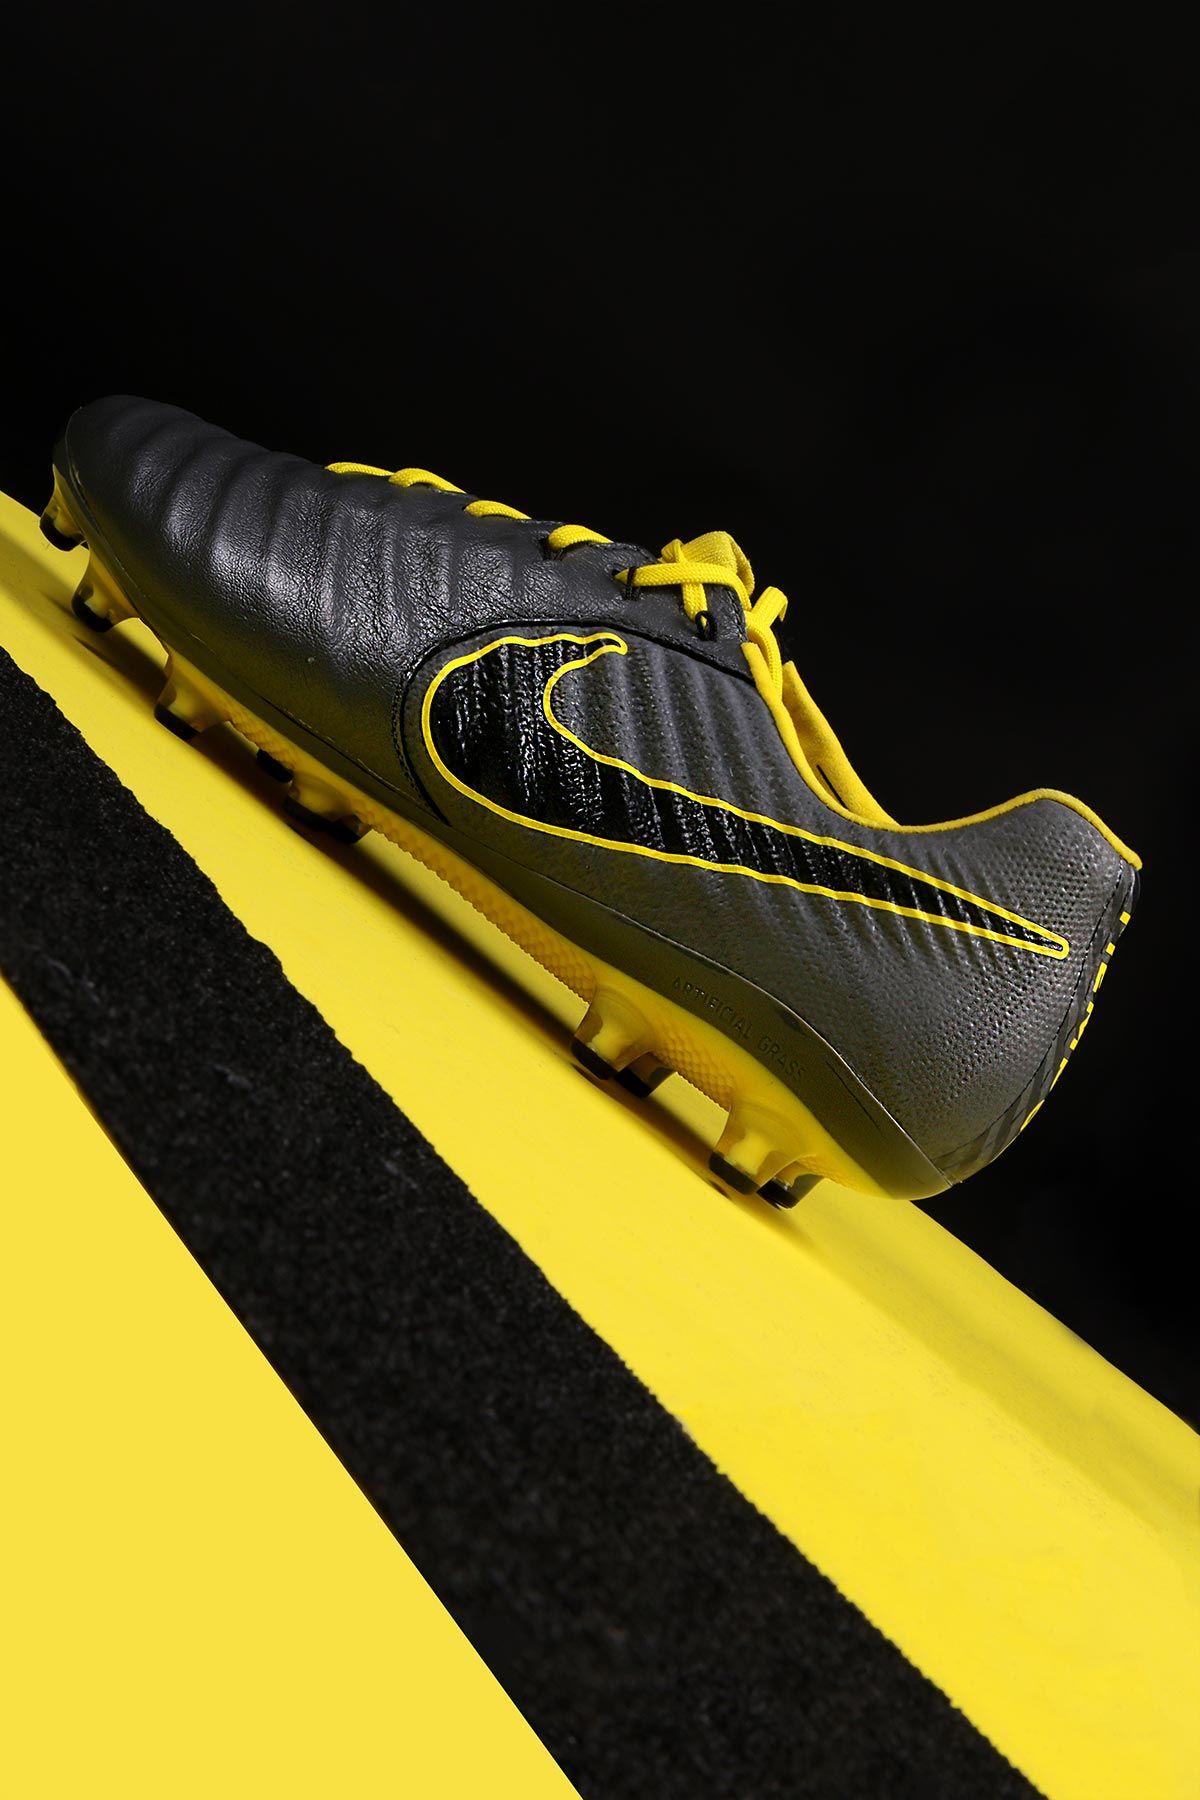 6dbae6110e93c  NikeTiempo Legend ⚠ Termina el juego